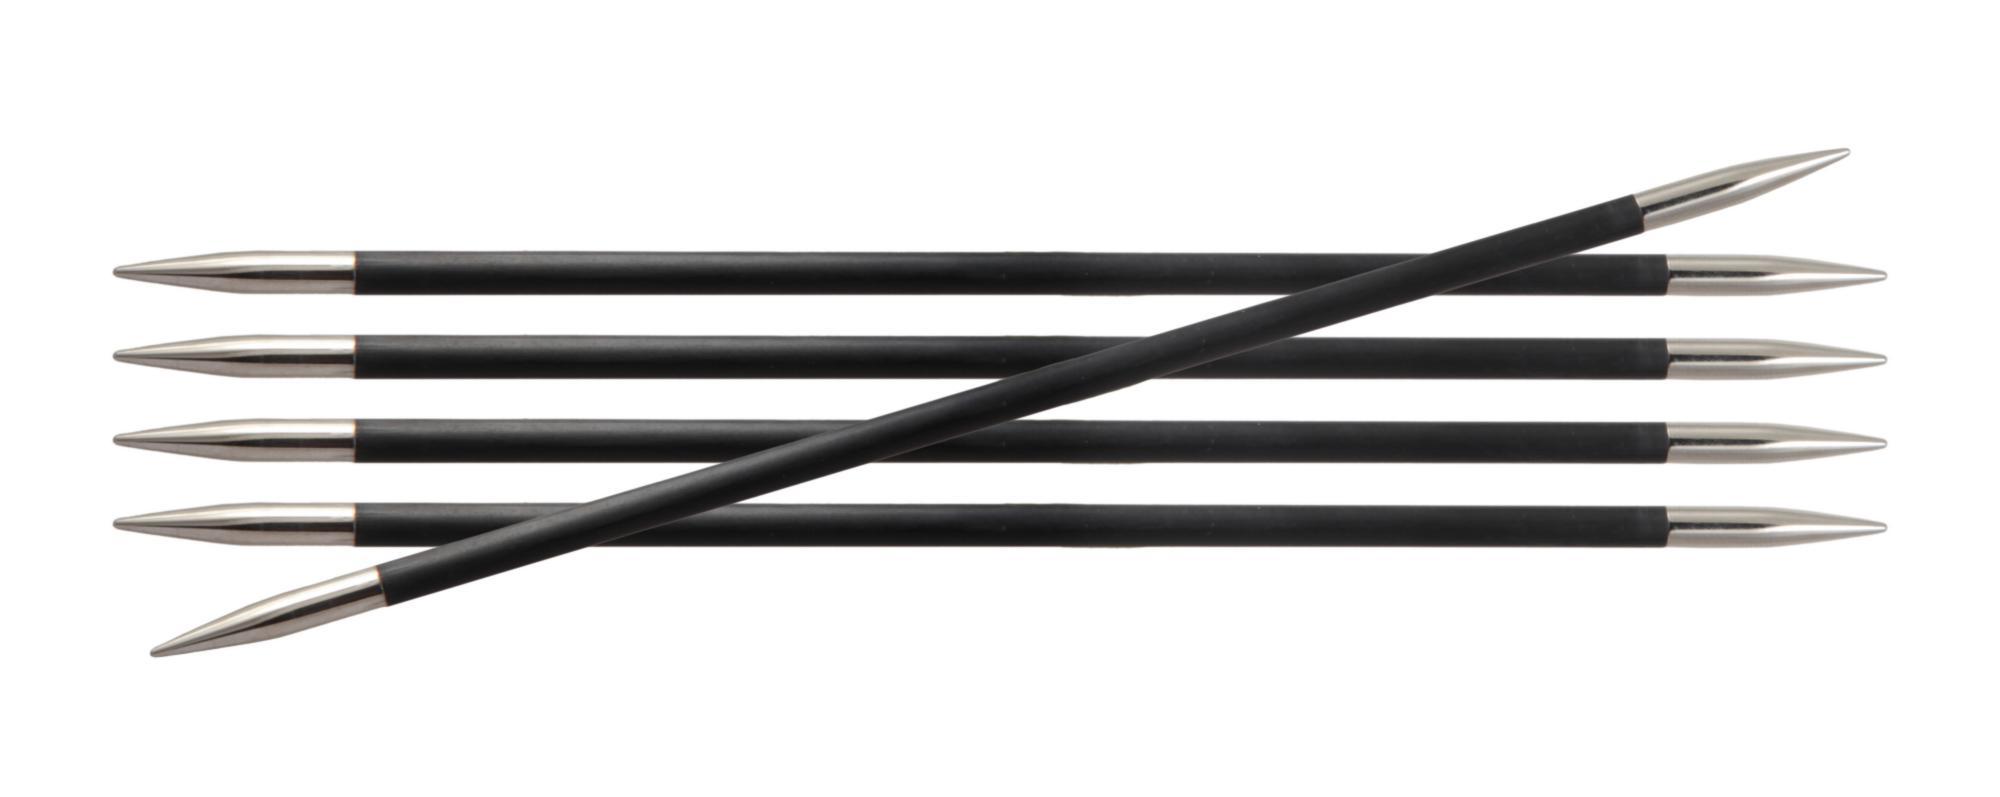 Спицы носочные 15 см Karbonz KnitPro, 41110, 3.25 мм